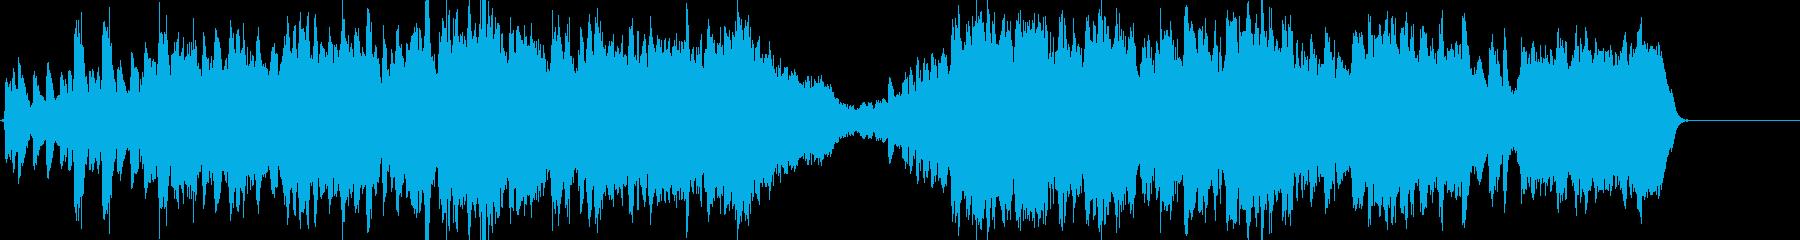 バロック風 上品なクラシックの再生済みの波形